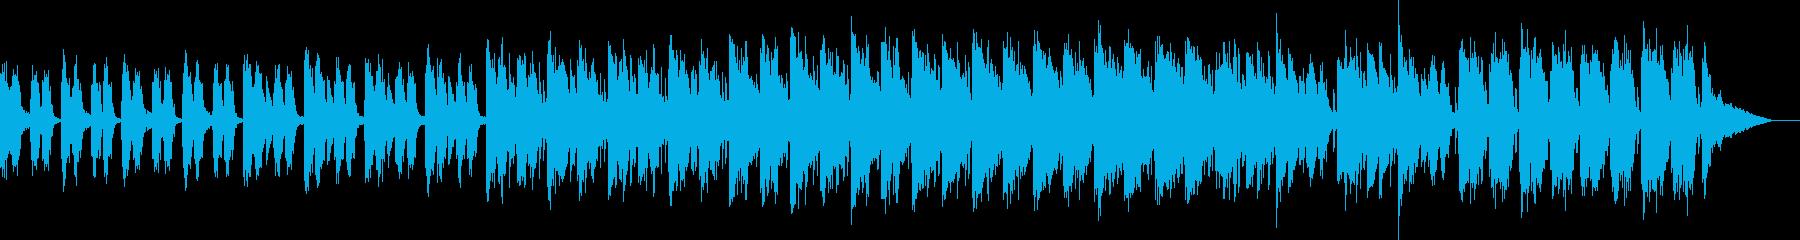 コロナウイルス報道向け 無機質 知的の再生済みの波形